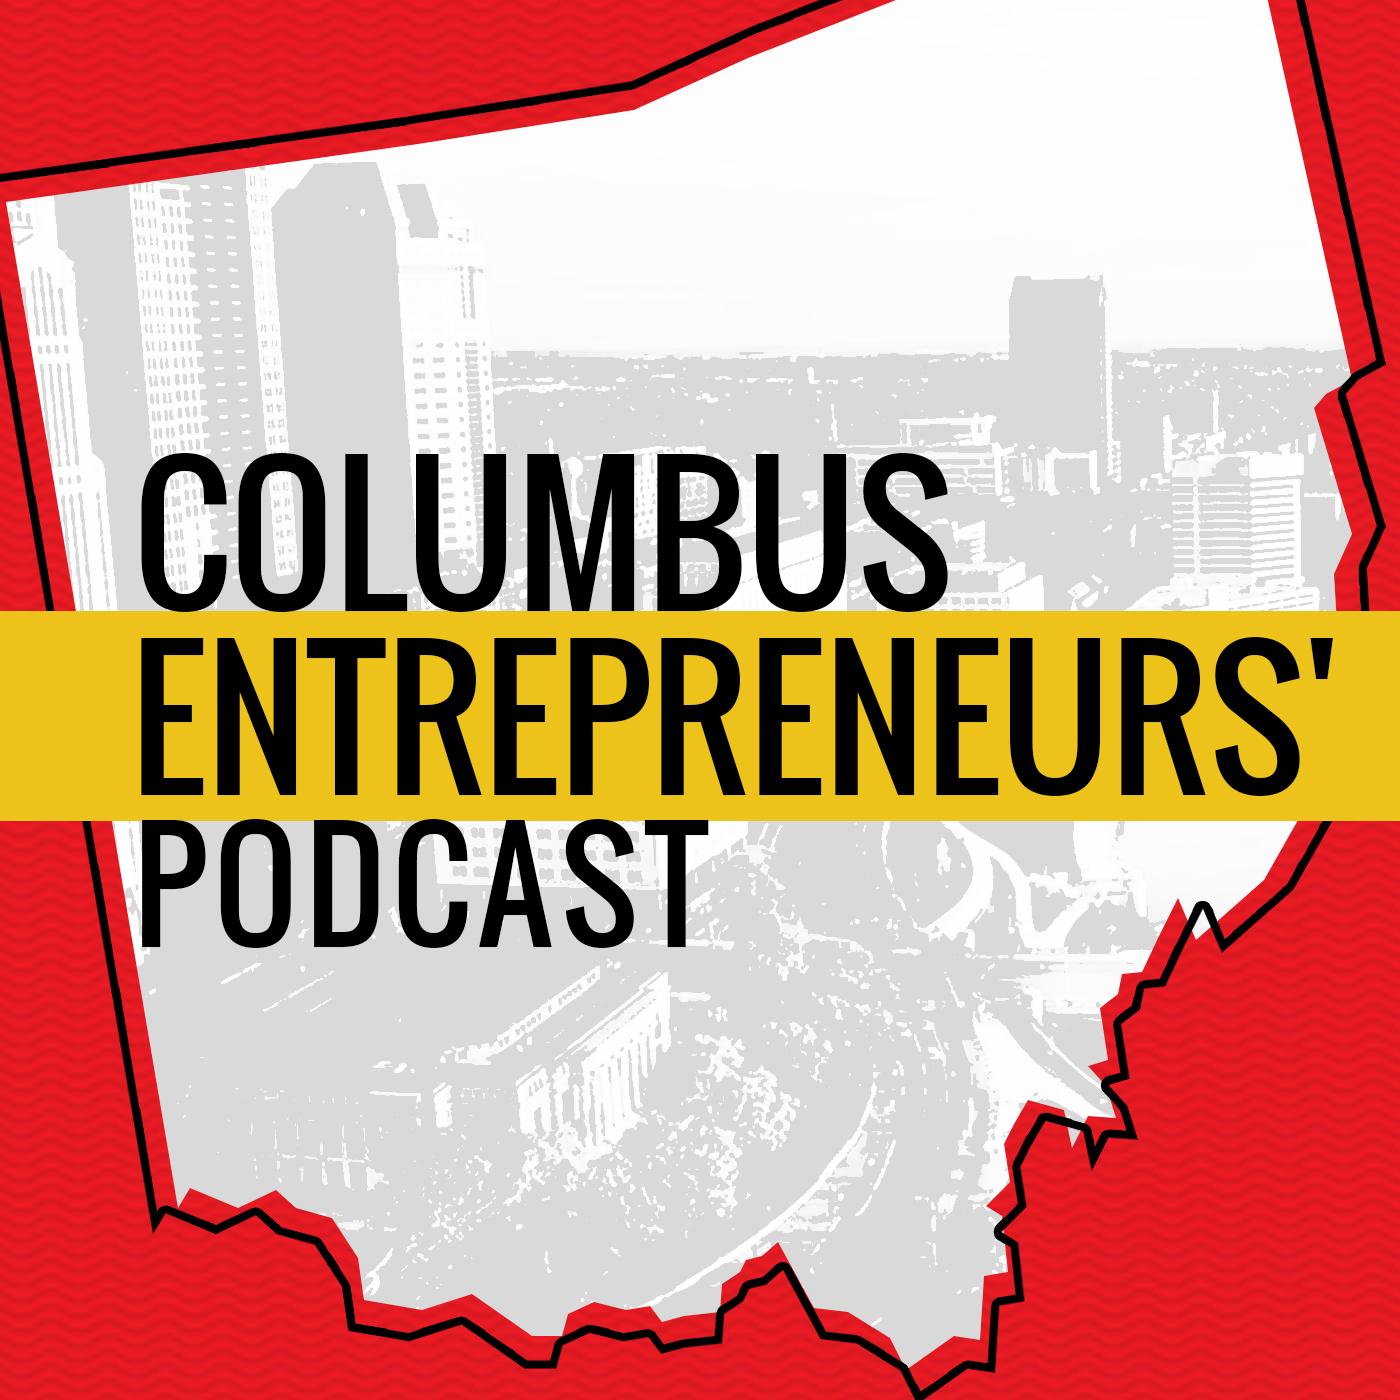 Columbus Entrepreneurs' Podcast show art